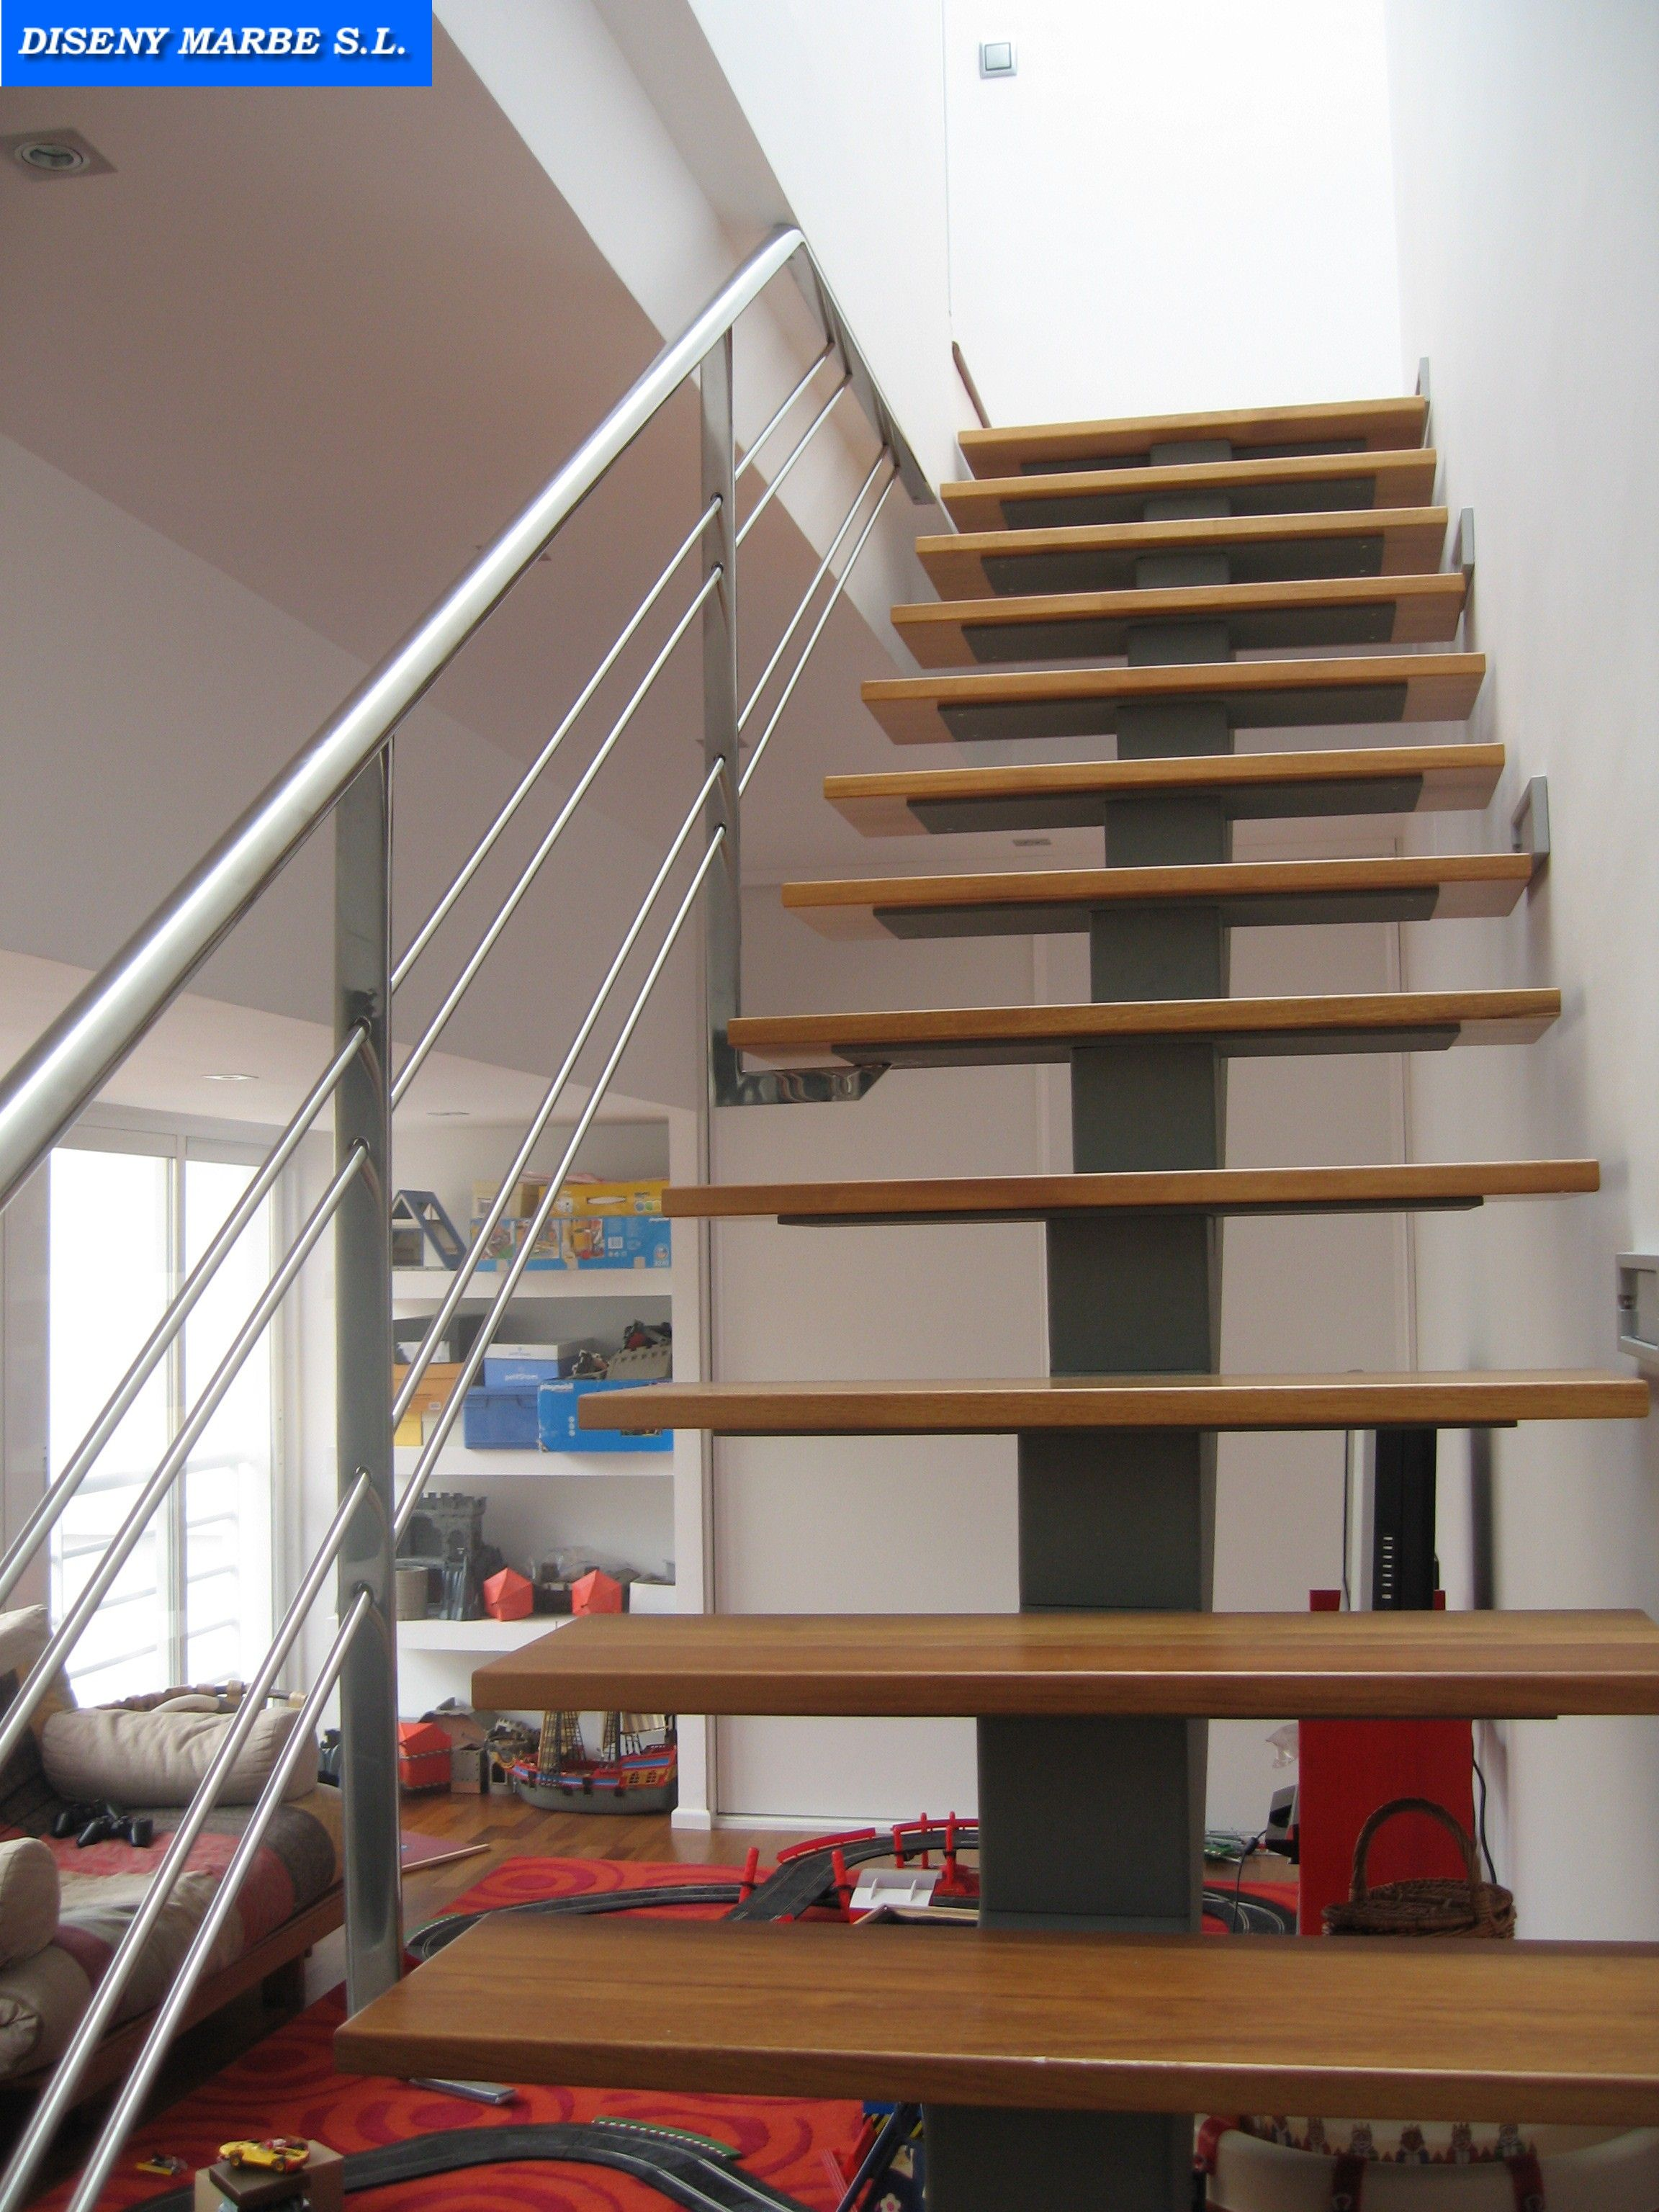 Barandilla escalera de acero inoxidable pasamano redondo - Barandillas de escaleras interiores ...